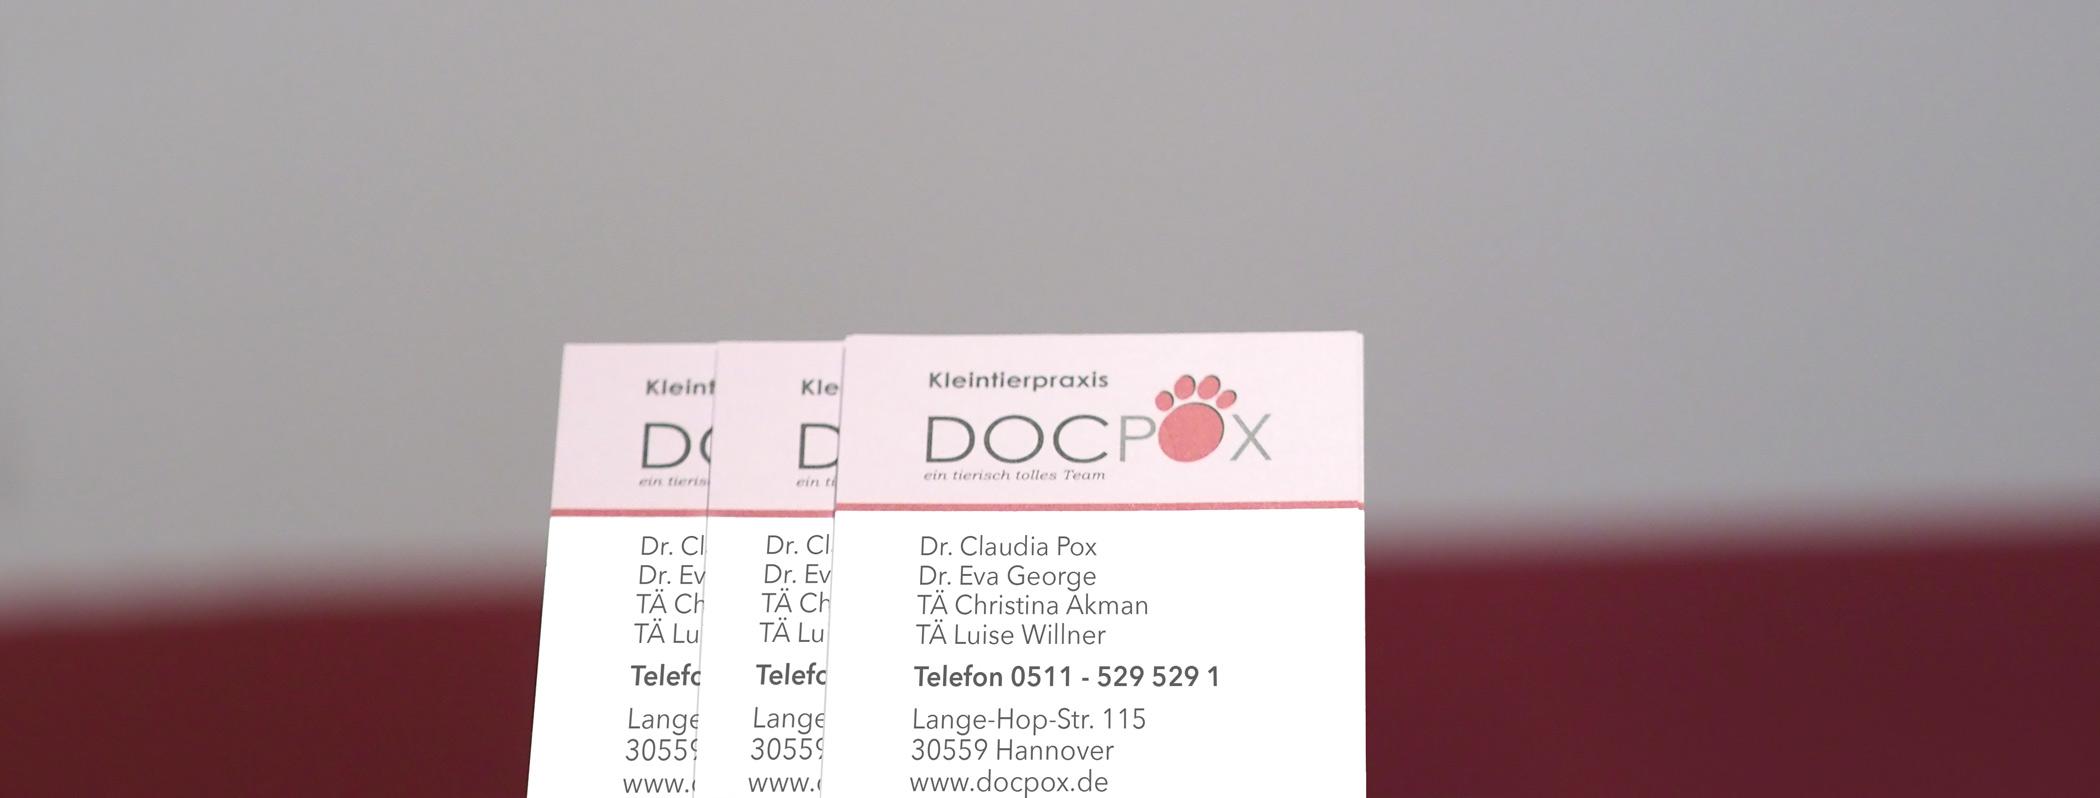 Visitenkarten der Kleintierpraxis DocPox